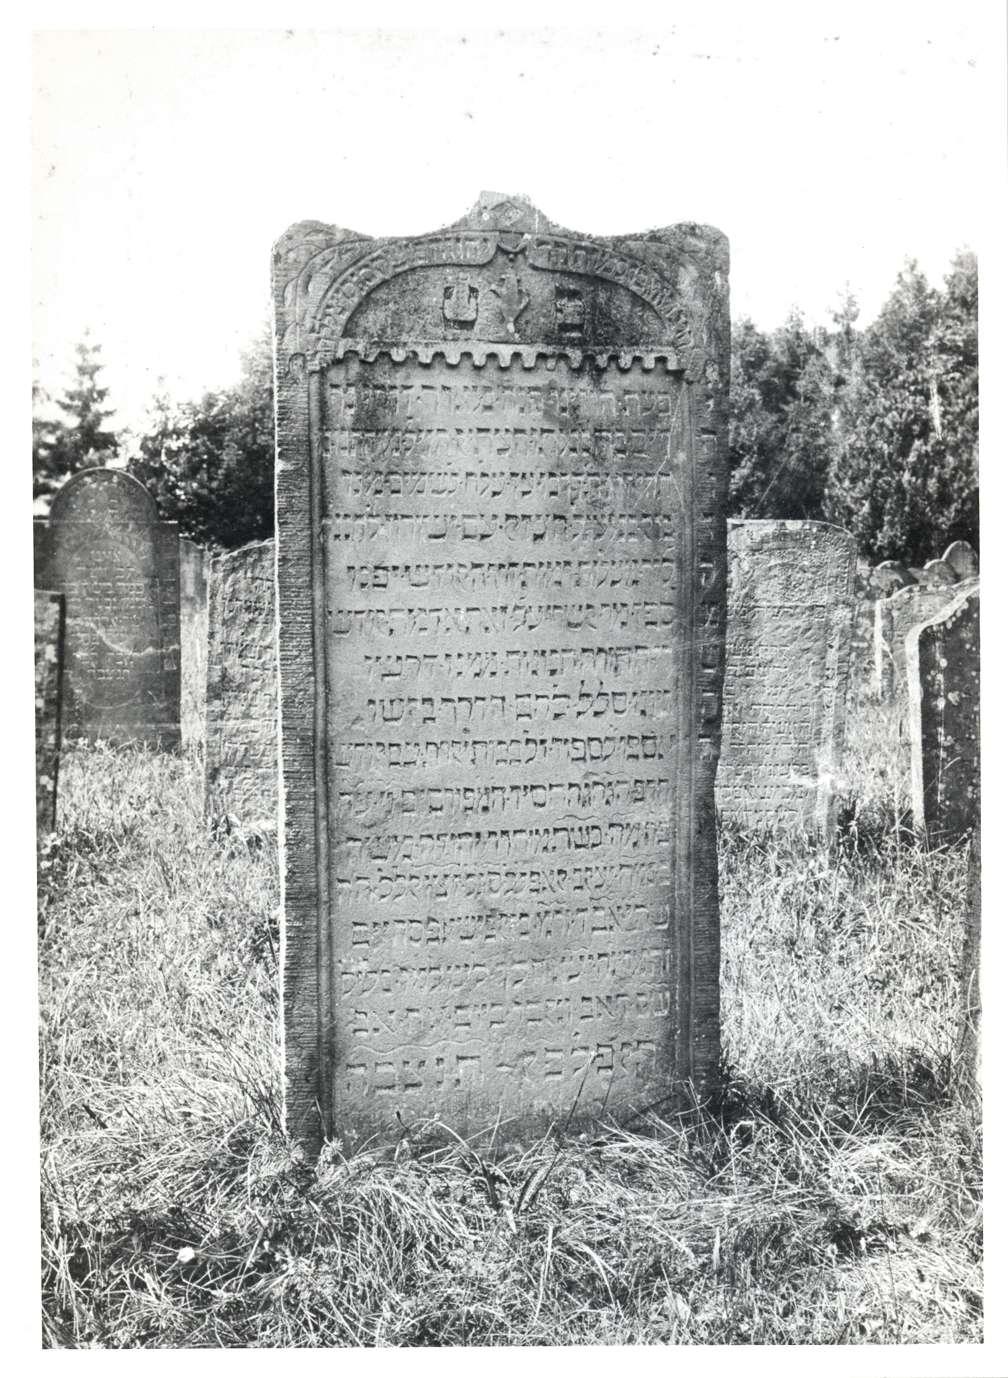 Neckarbischofsheim, HD; Jüdischer Friedhof, Grabstein, Bild 1